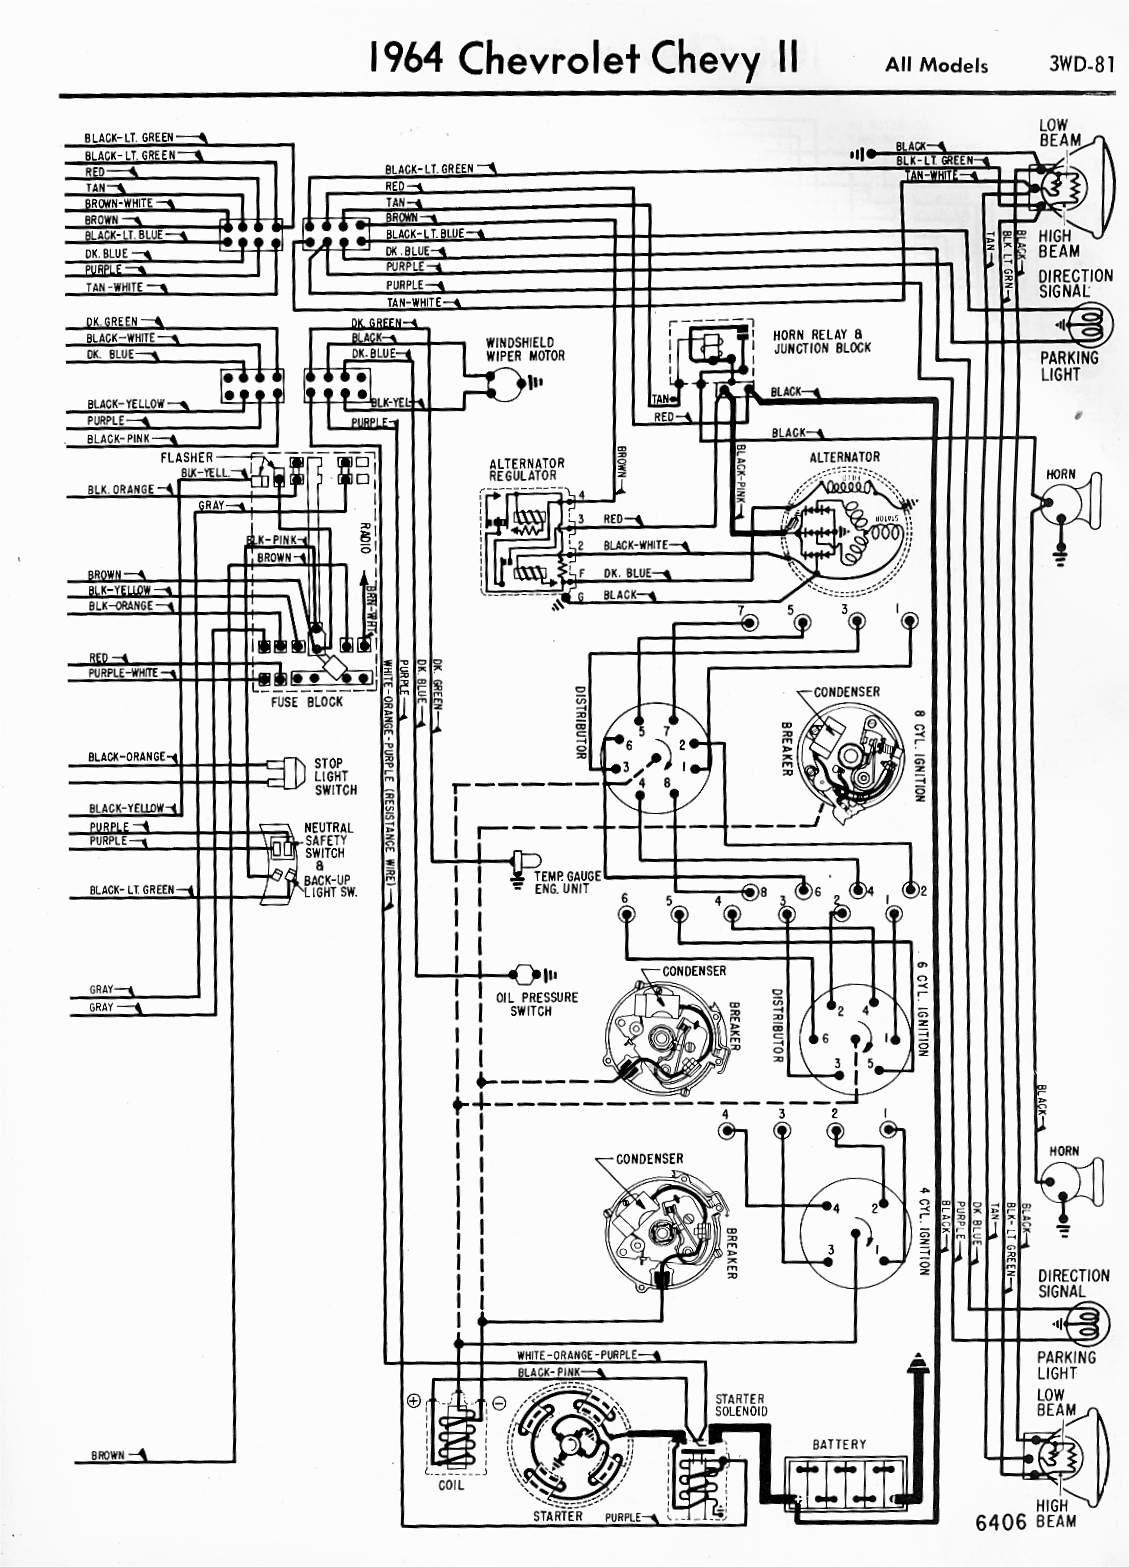 Astonishing 1969 Chevy Truck Ignition Wiring Diagram Wiring Diagram Data Schema Wiring Cloud Histehirlexornumapkesianilluminateatxorg